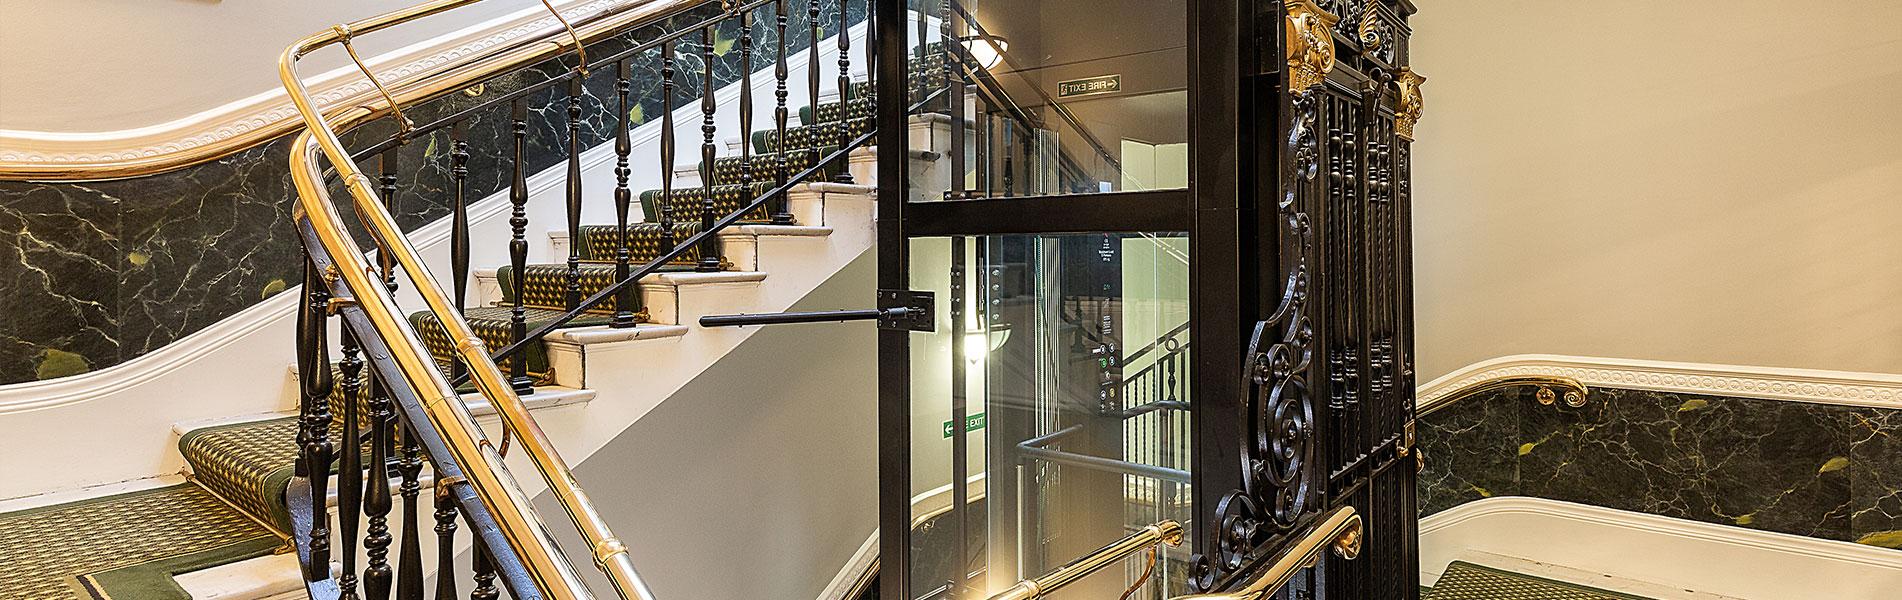 Sustitución de ascensores en Logroño